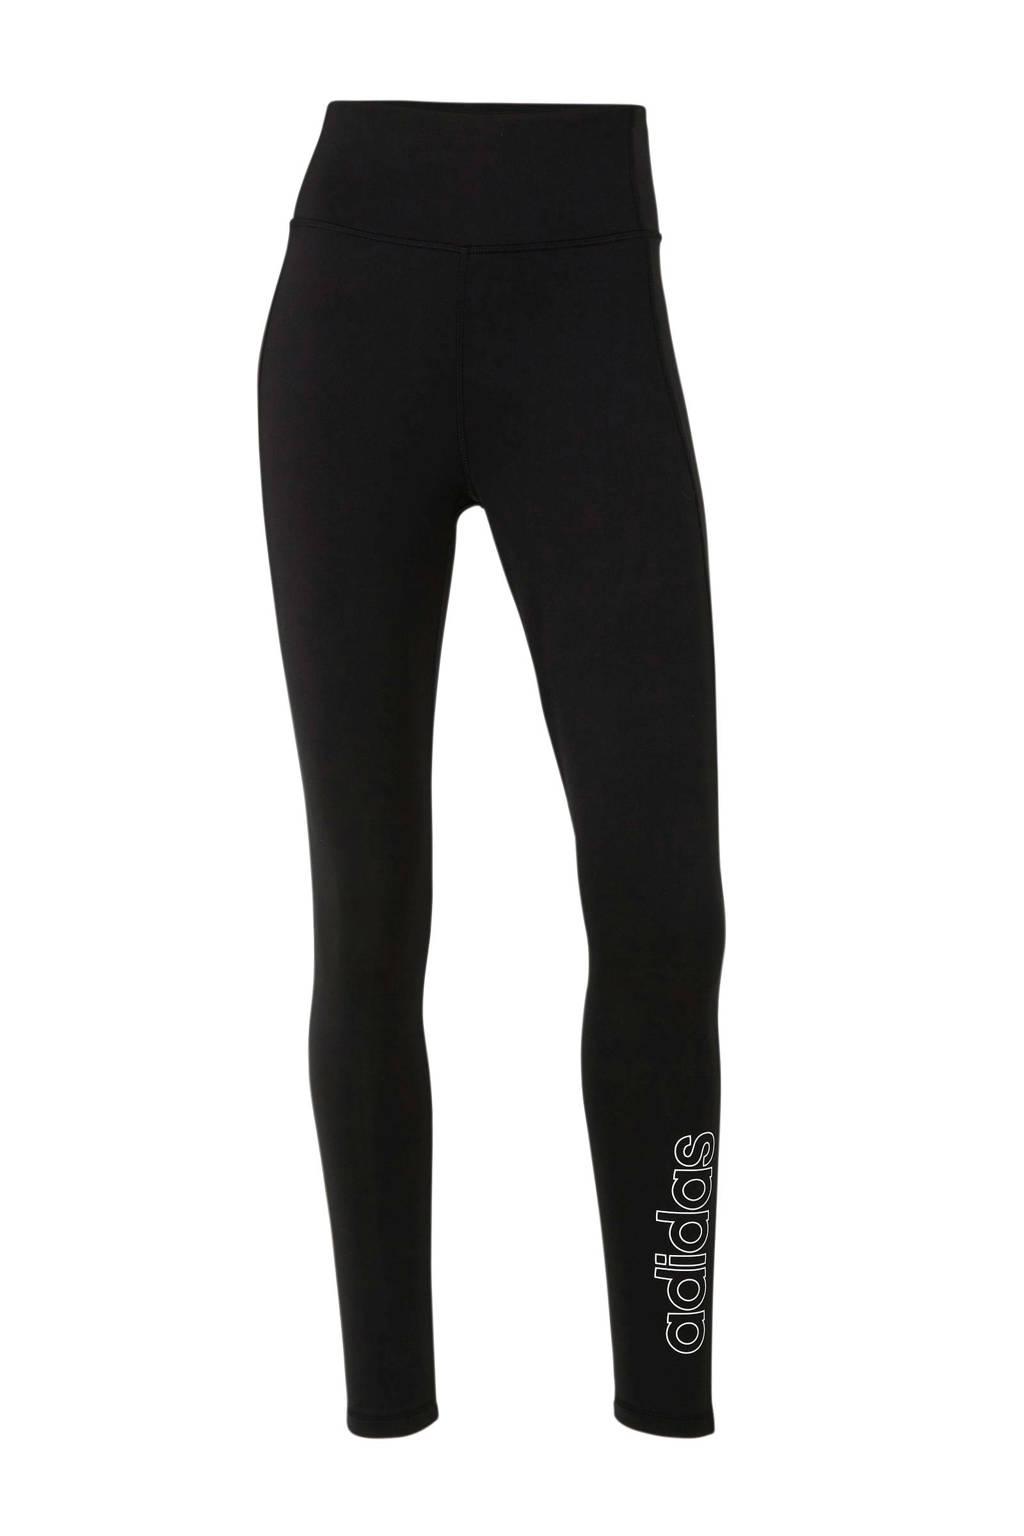 adidas Performance sportbroek zwart, Zwart/wit